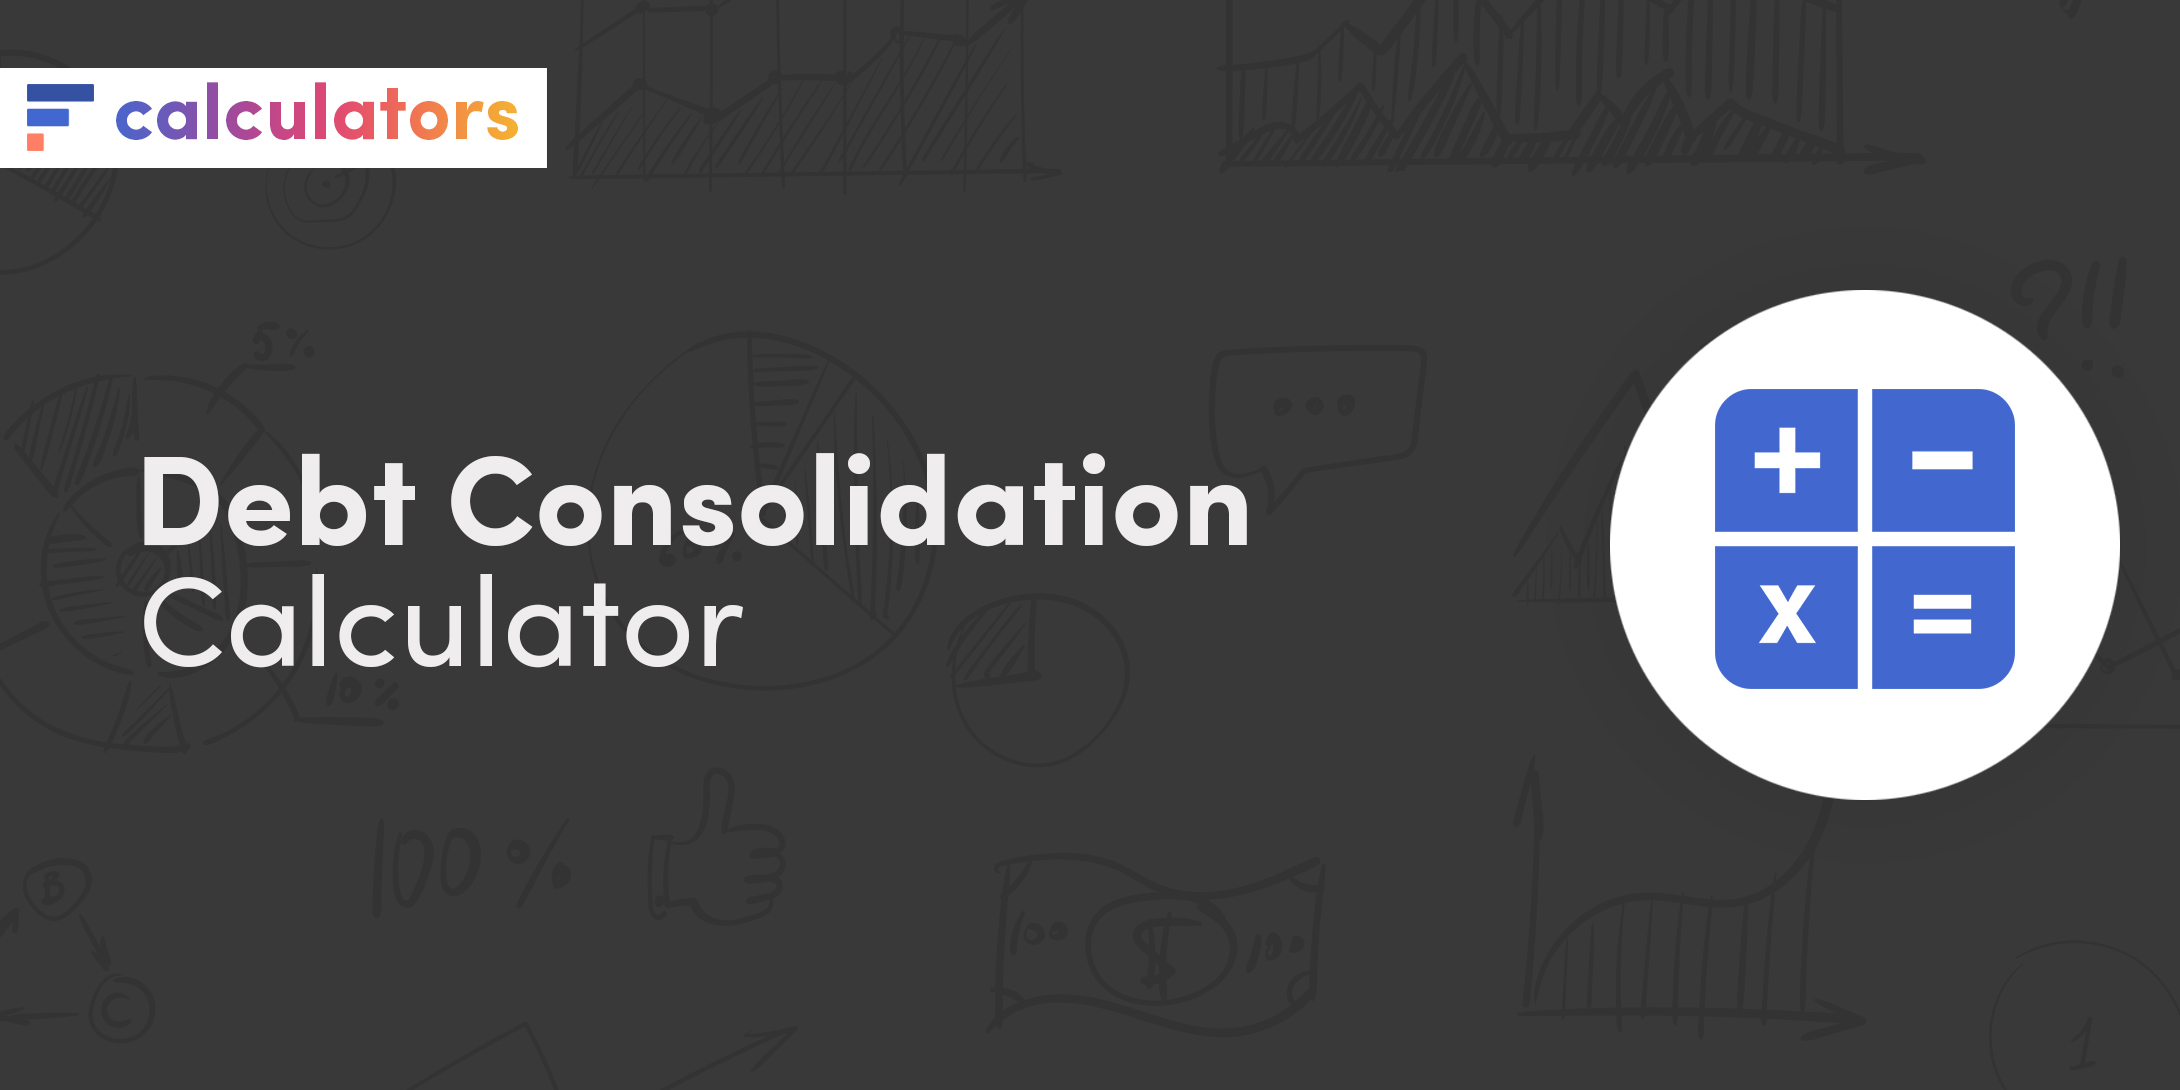 Debt consolidation calculator